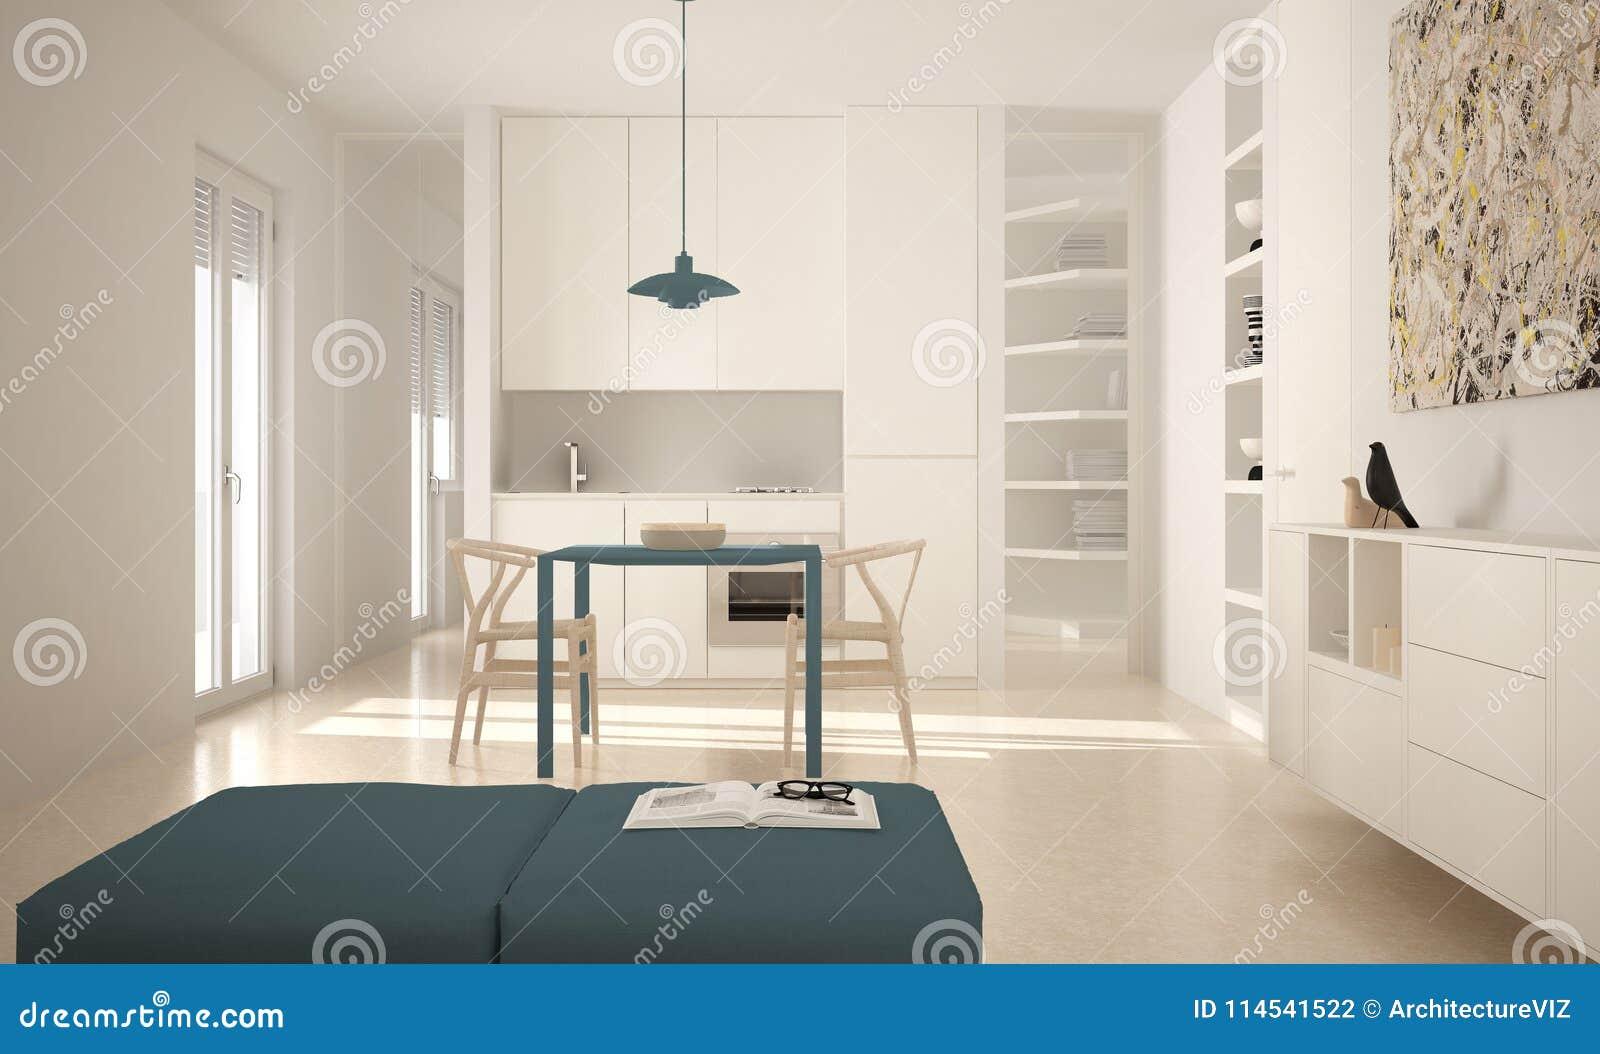 Sedie Blu Cucina : Cucina luminosa moderna minimalista con il tavolo da pranzo e